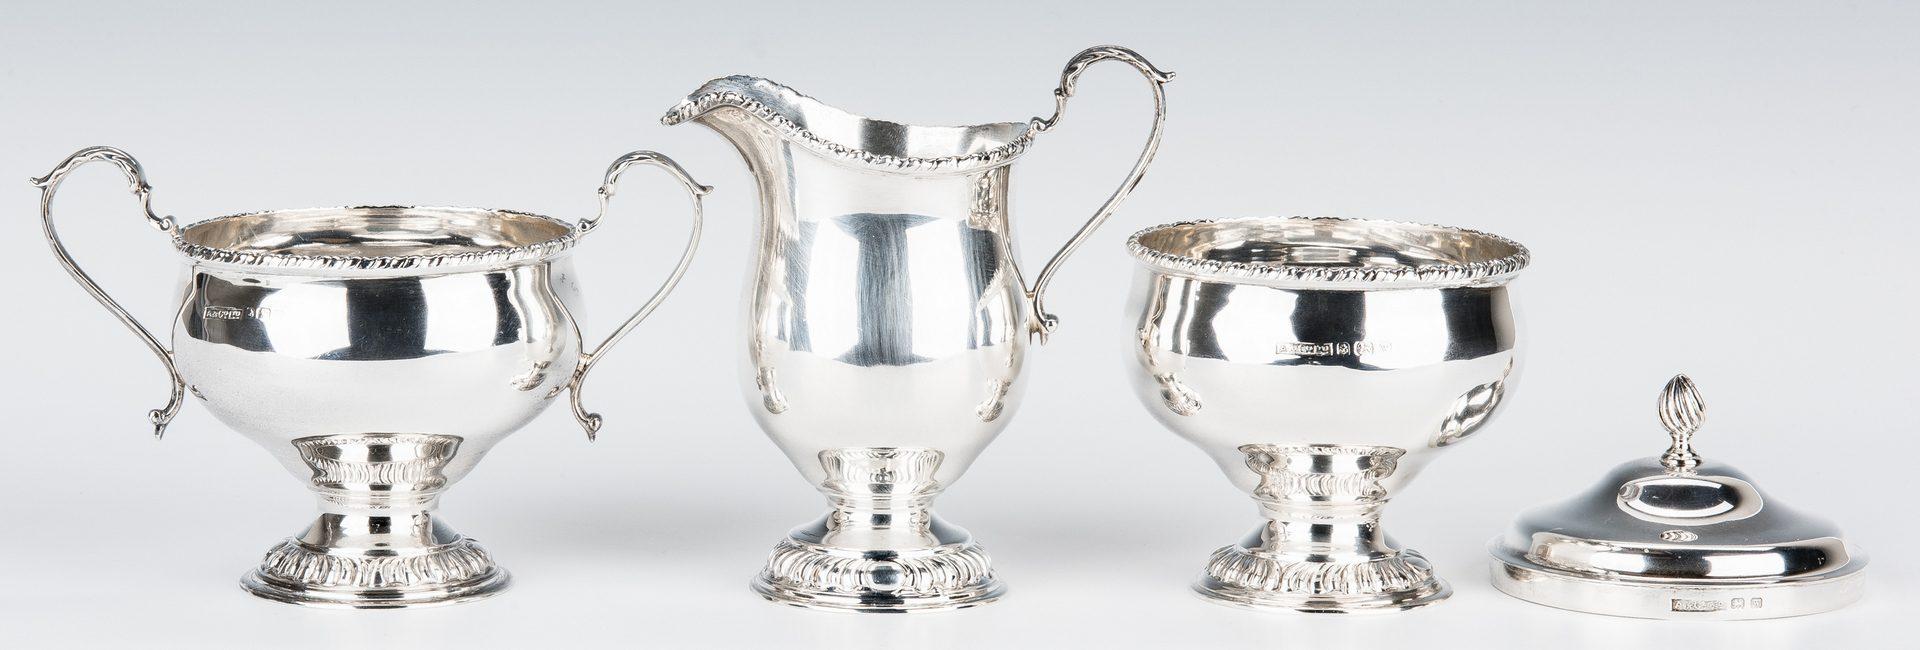 Lot 198: Asprey & Co. Sterling Silver Tea Set